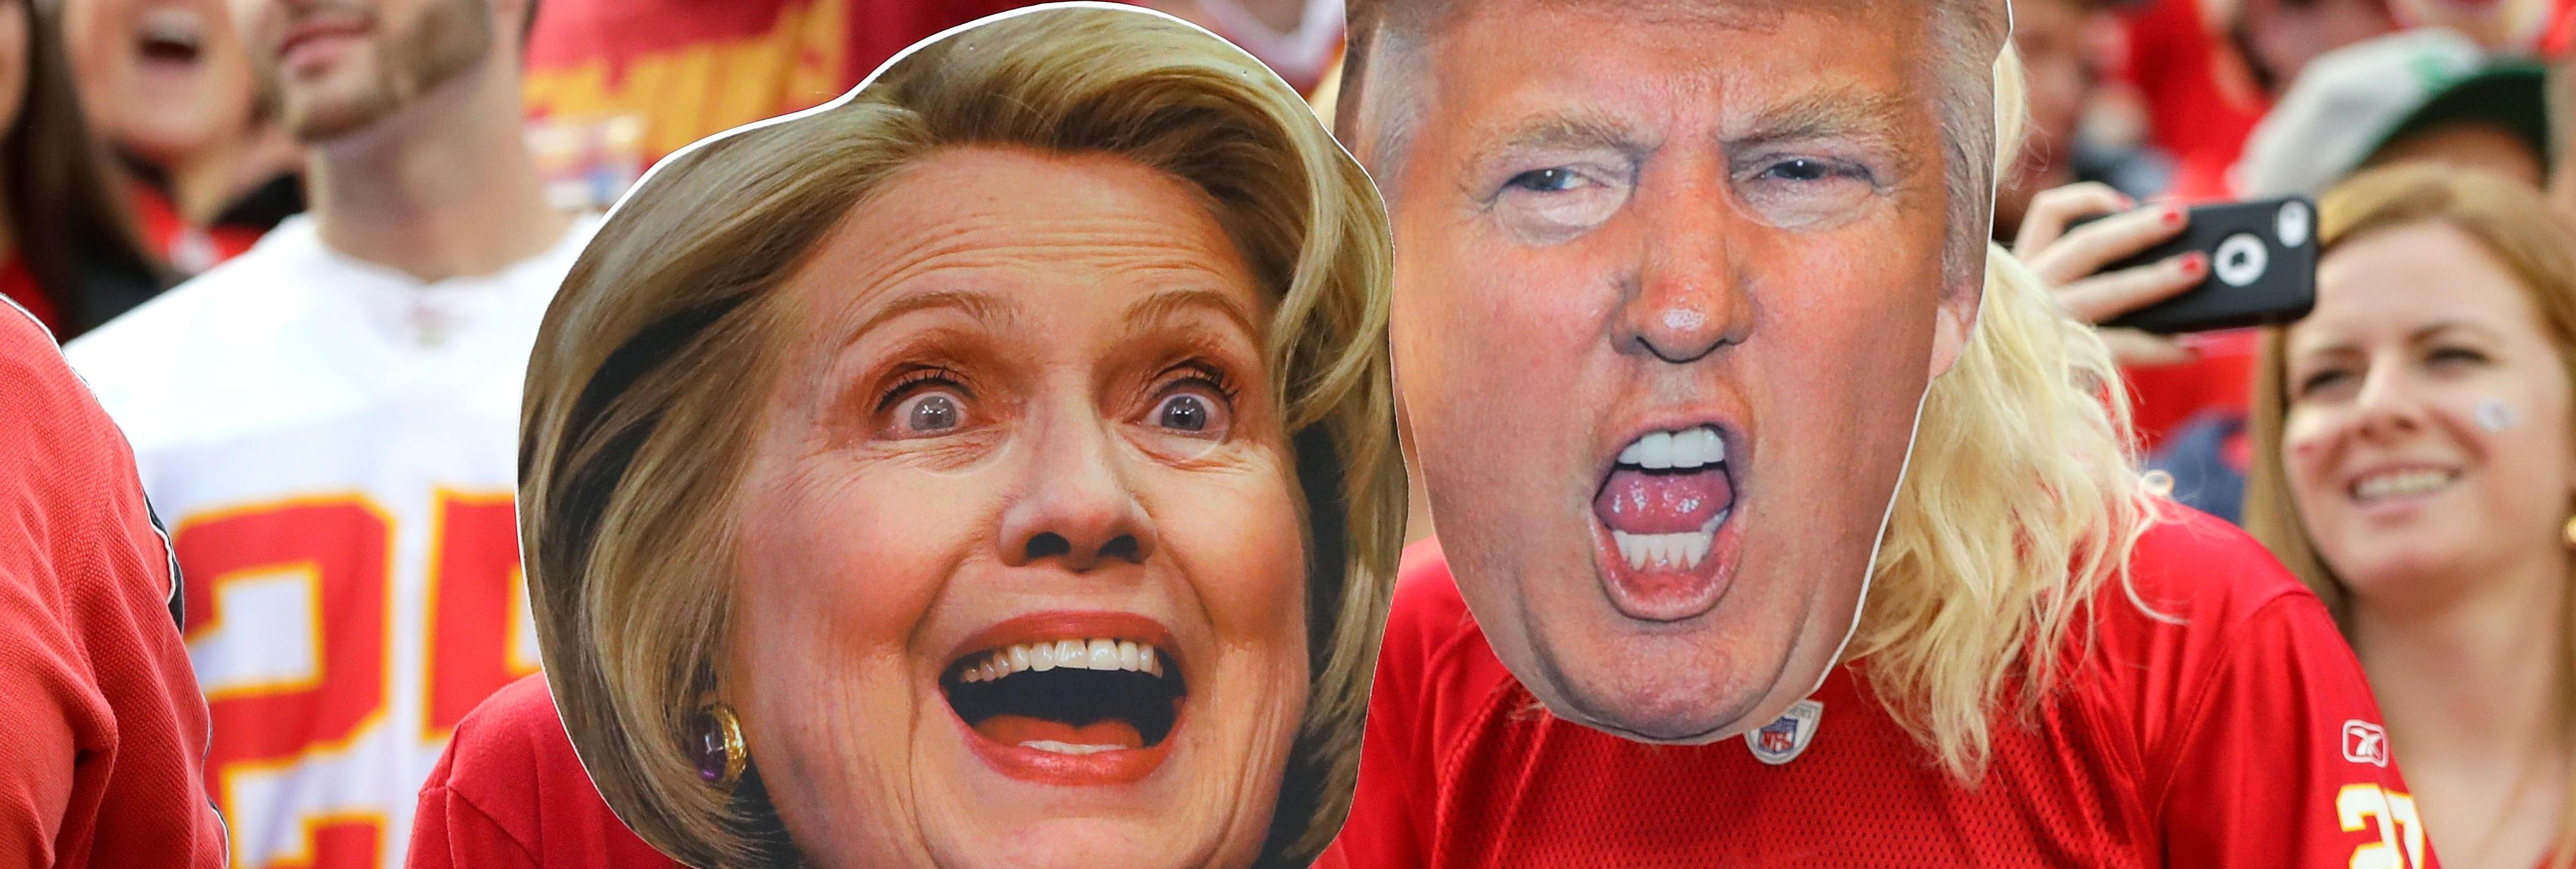 Todo lo que tienes que saber sobre los debates entre Trump y Clinton